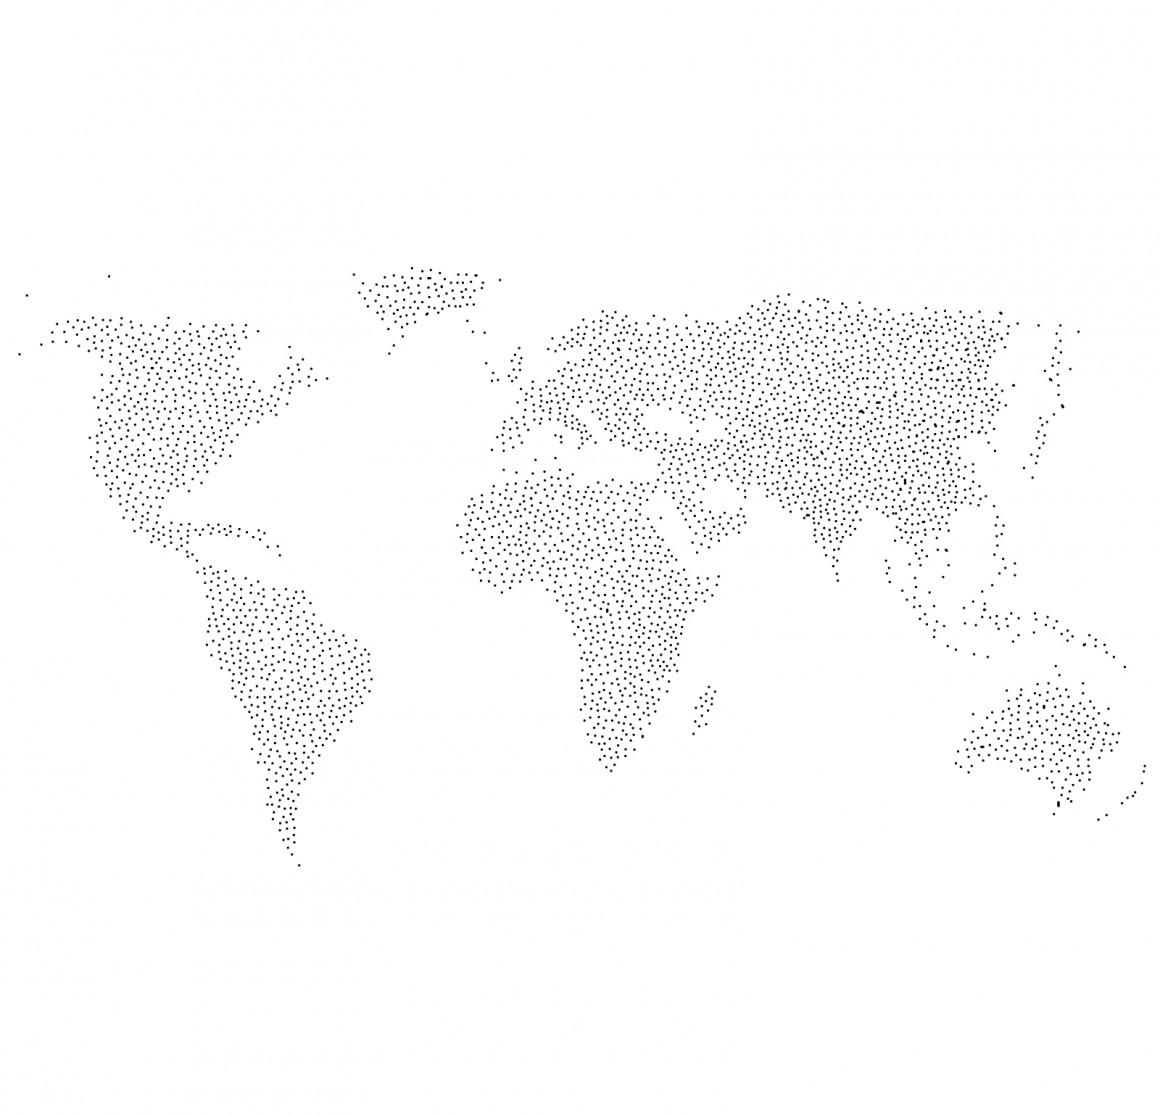 I nostri prodotti vengono utilizzati per colare l'acciaio in tutto il mondo